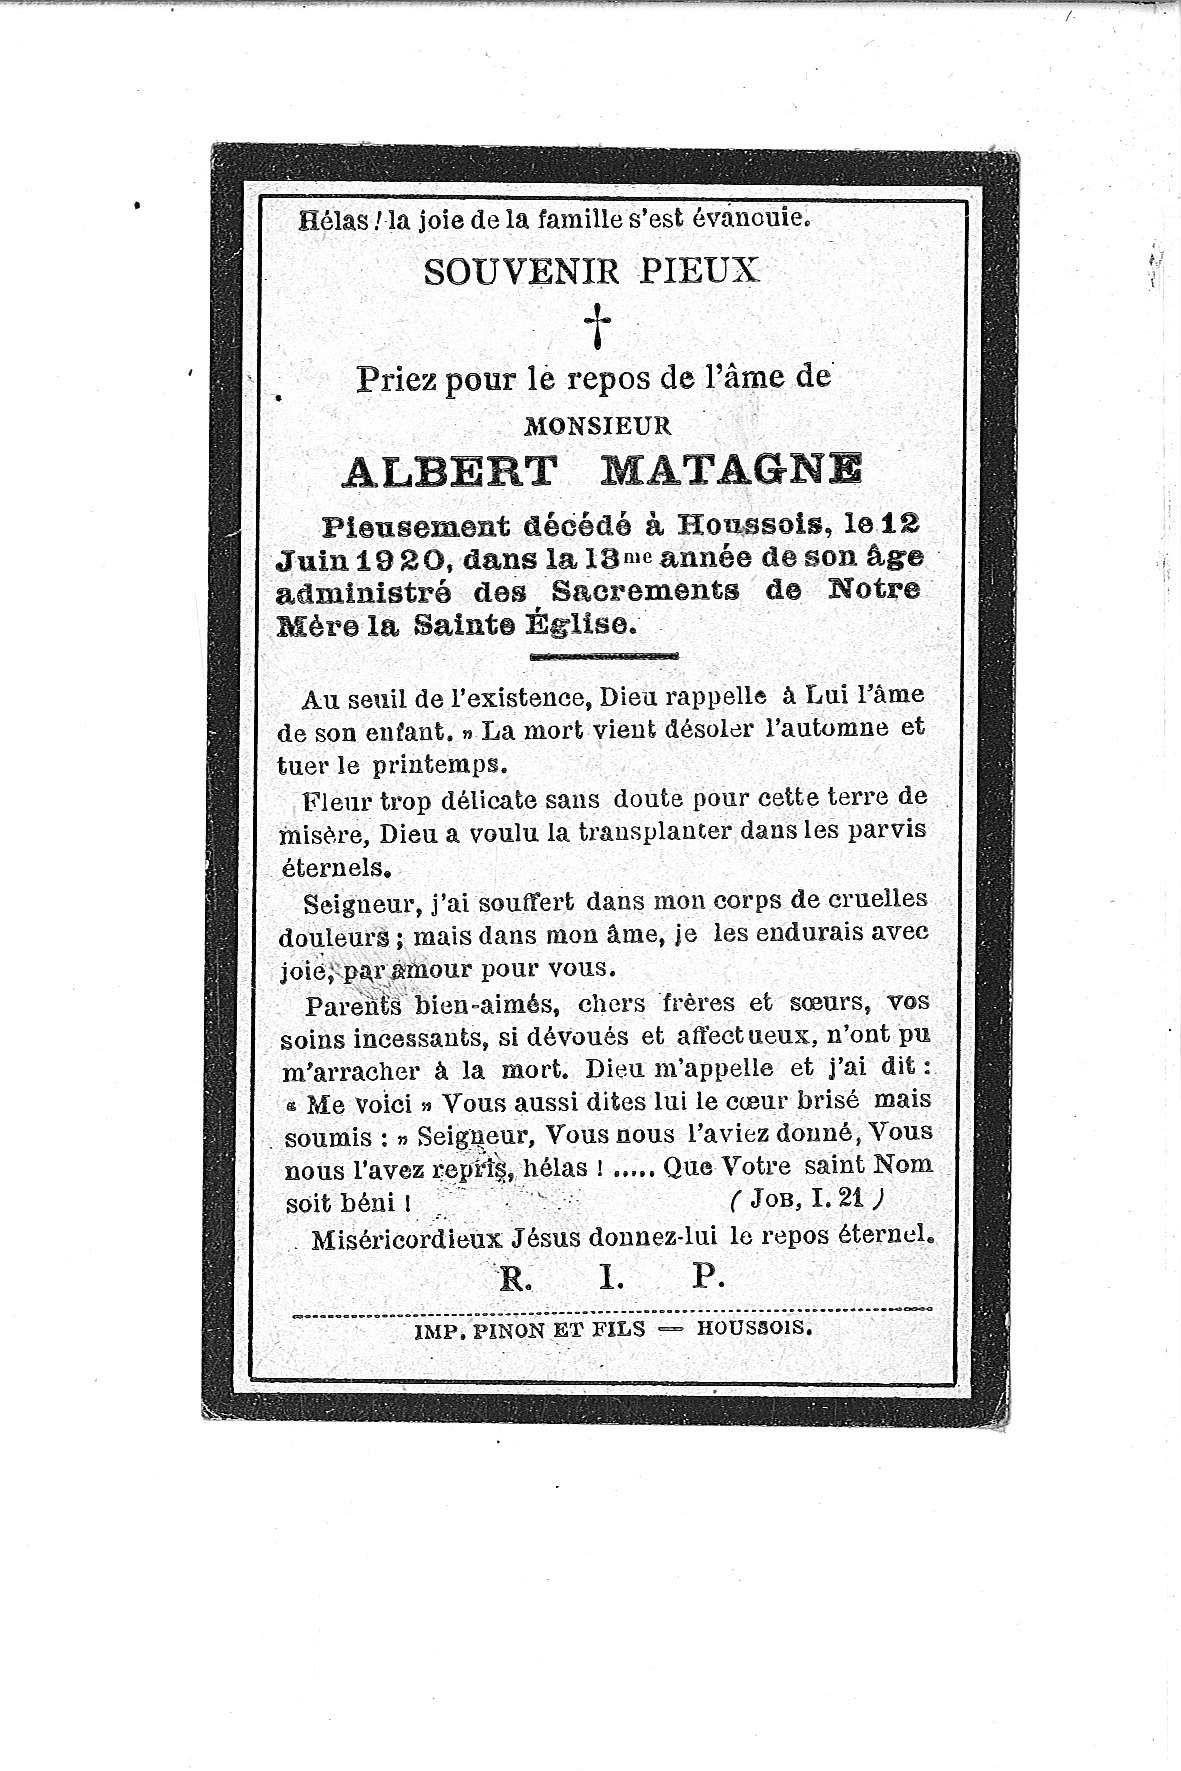 Albert(1920)20120227085536_00025.jpg